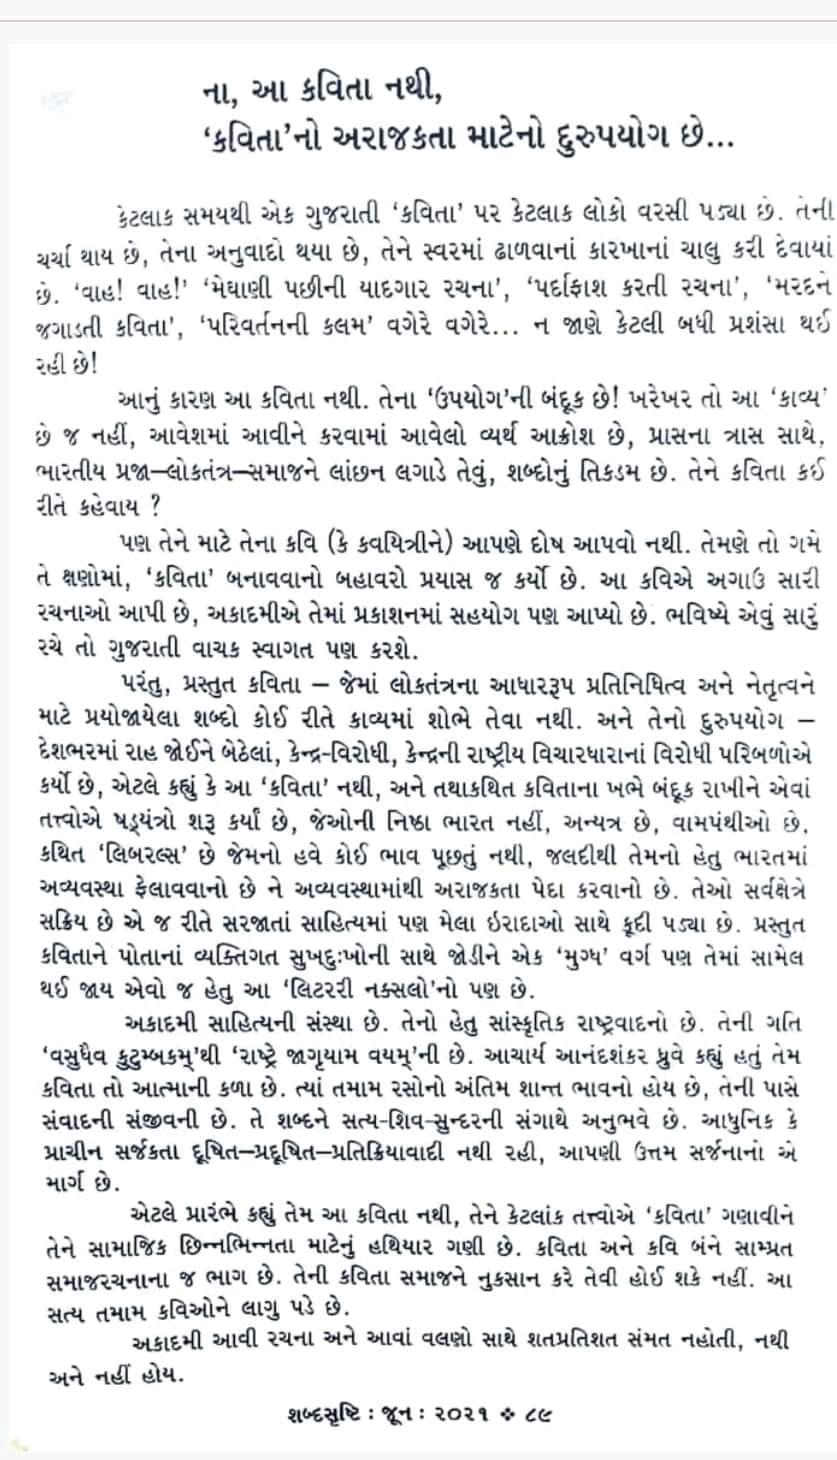 Gujarat sahitya accedami